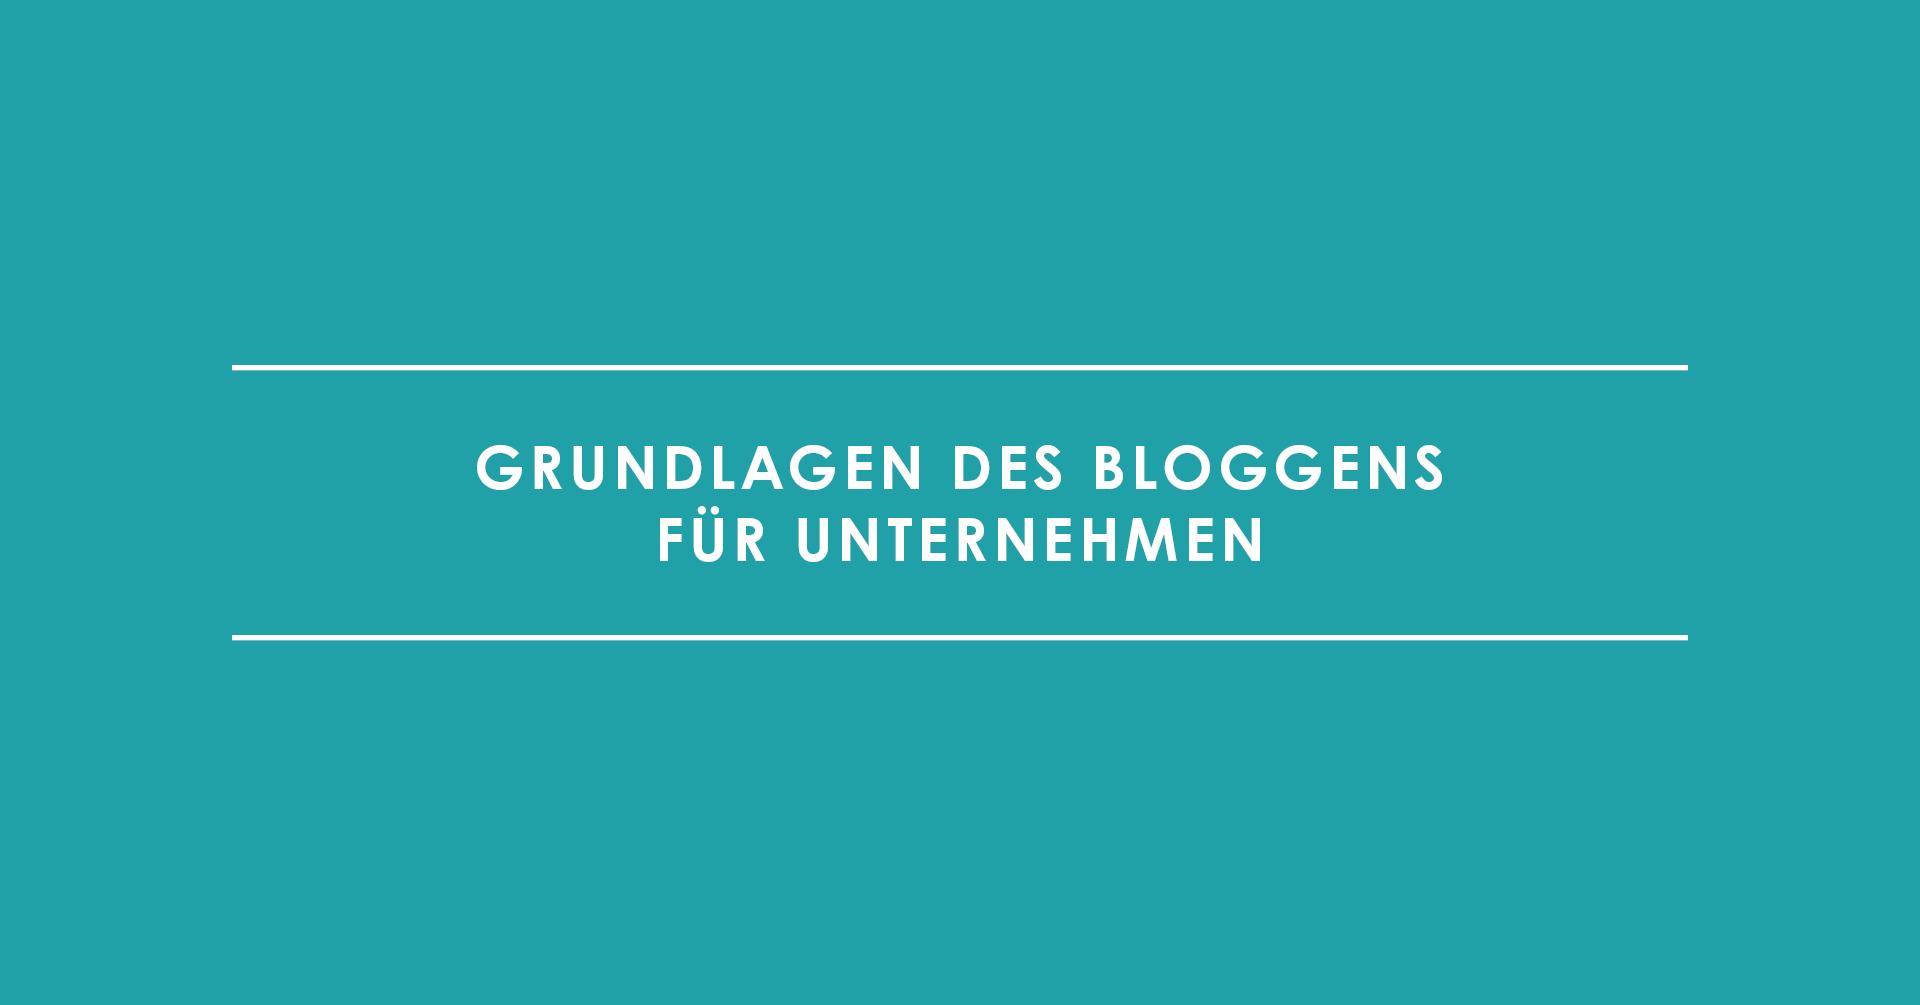 Grundlagen des Bloggens für Unternehmen